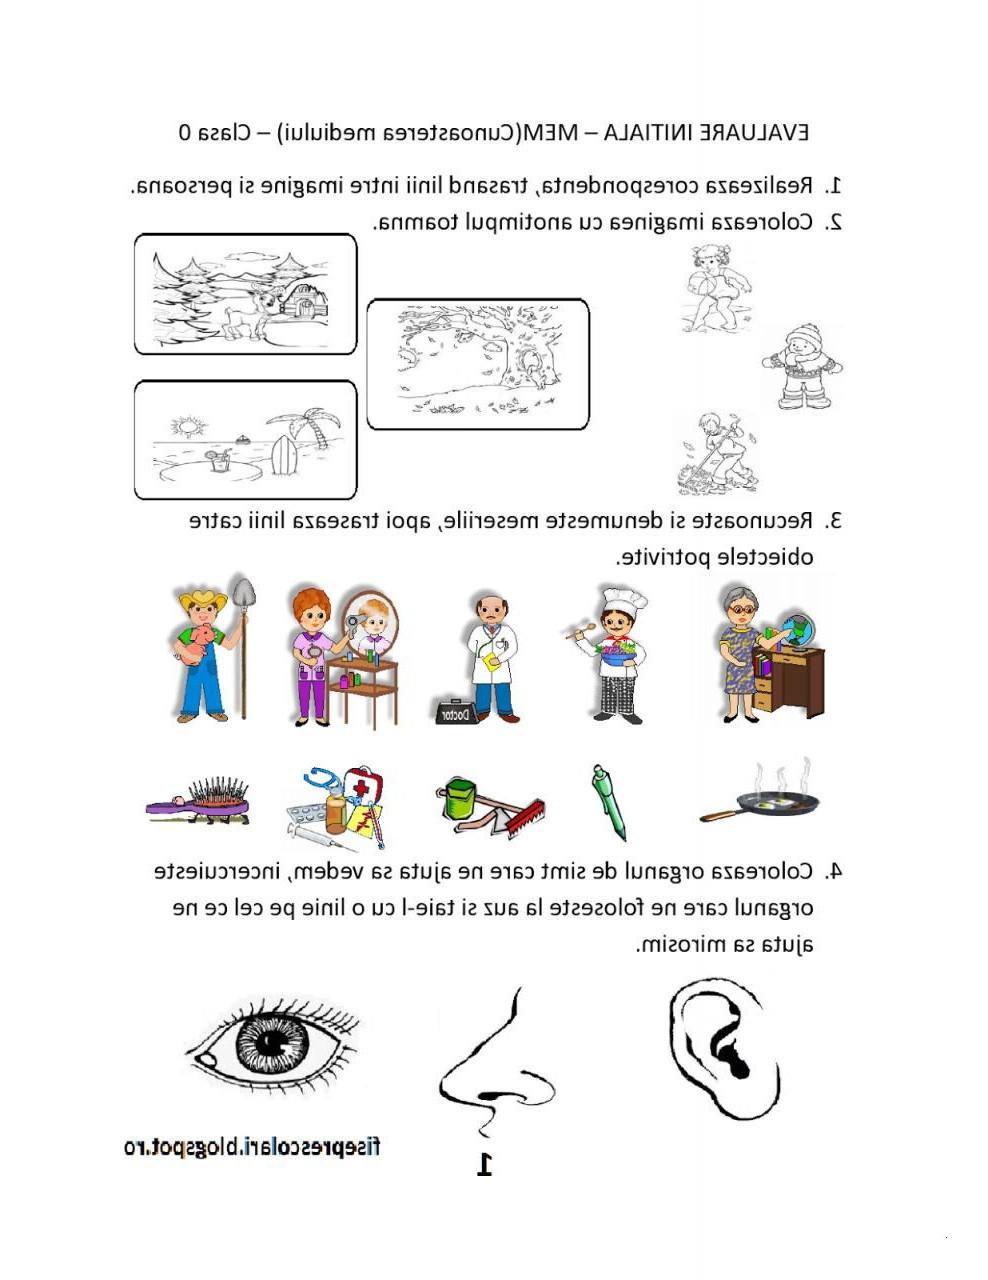 Coole Ausmalbilder Zum Ausdrucken Neu 20 Lecker Ausmalbilder Drucken – Malvorlagen Ideen Stock